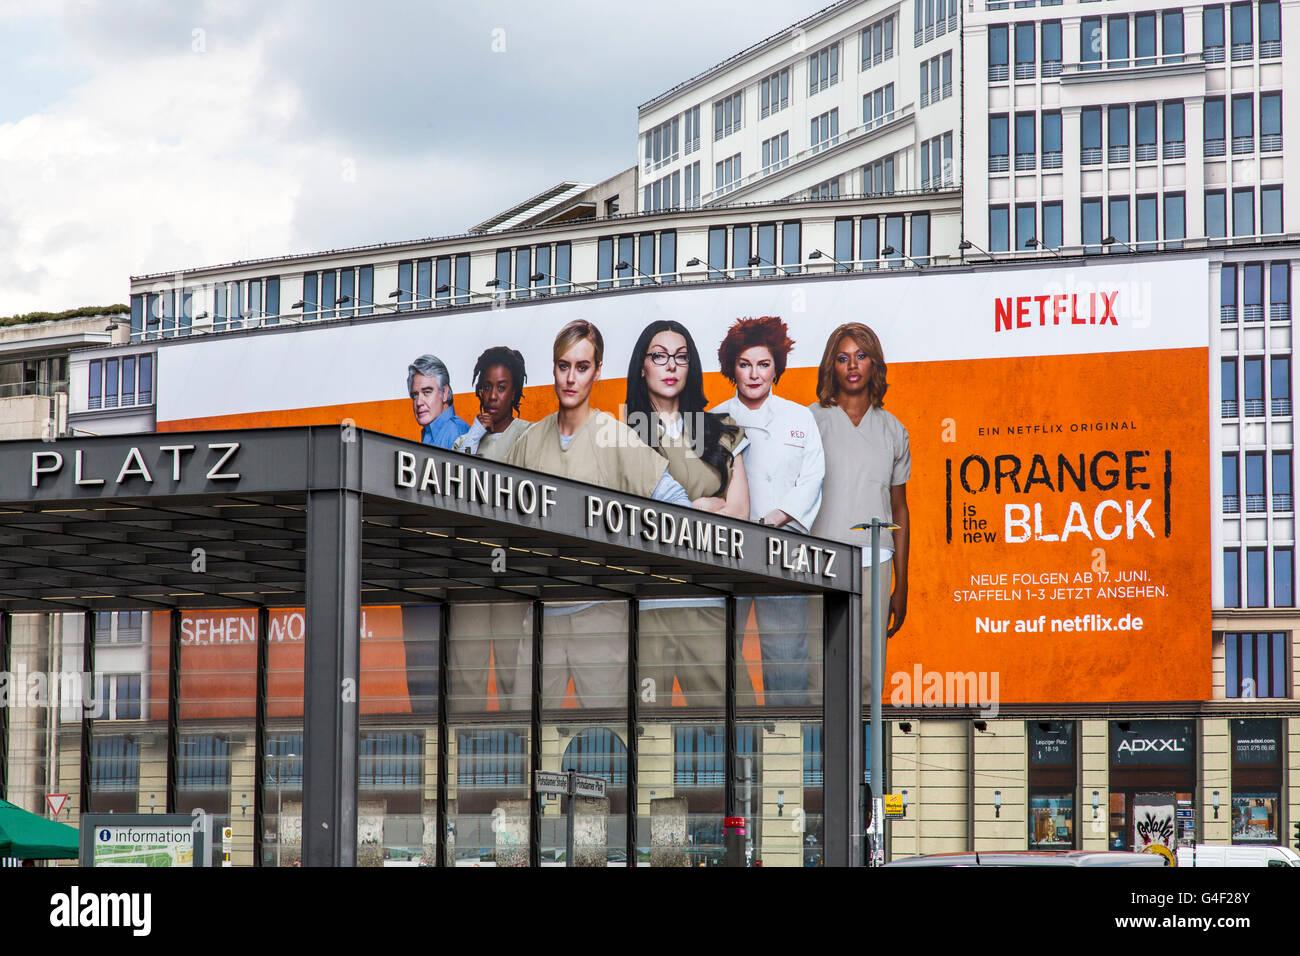 Grande cartellone pubblicitario su un edificio in Potsdamer Platz a Berlino, per il canale a pagamento, Netflix Immagini Stock